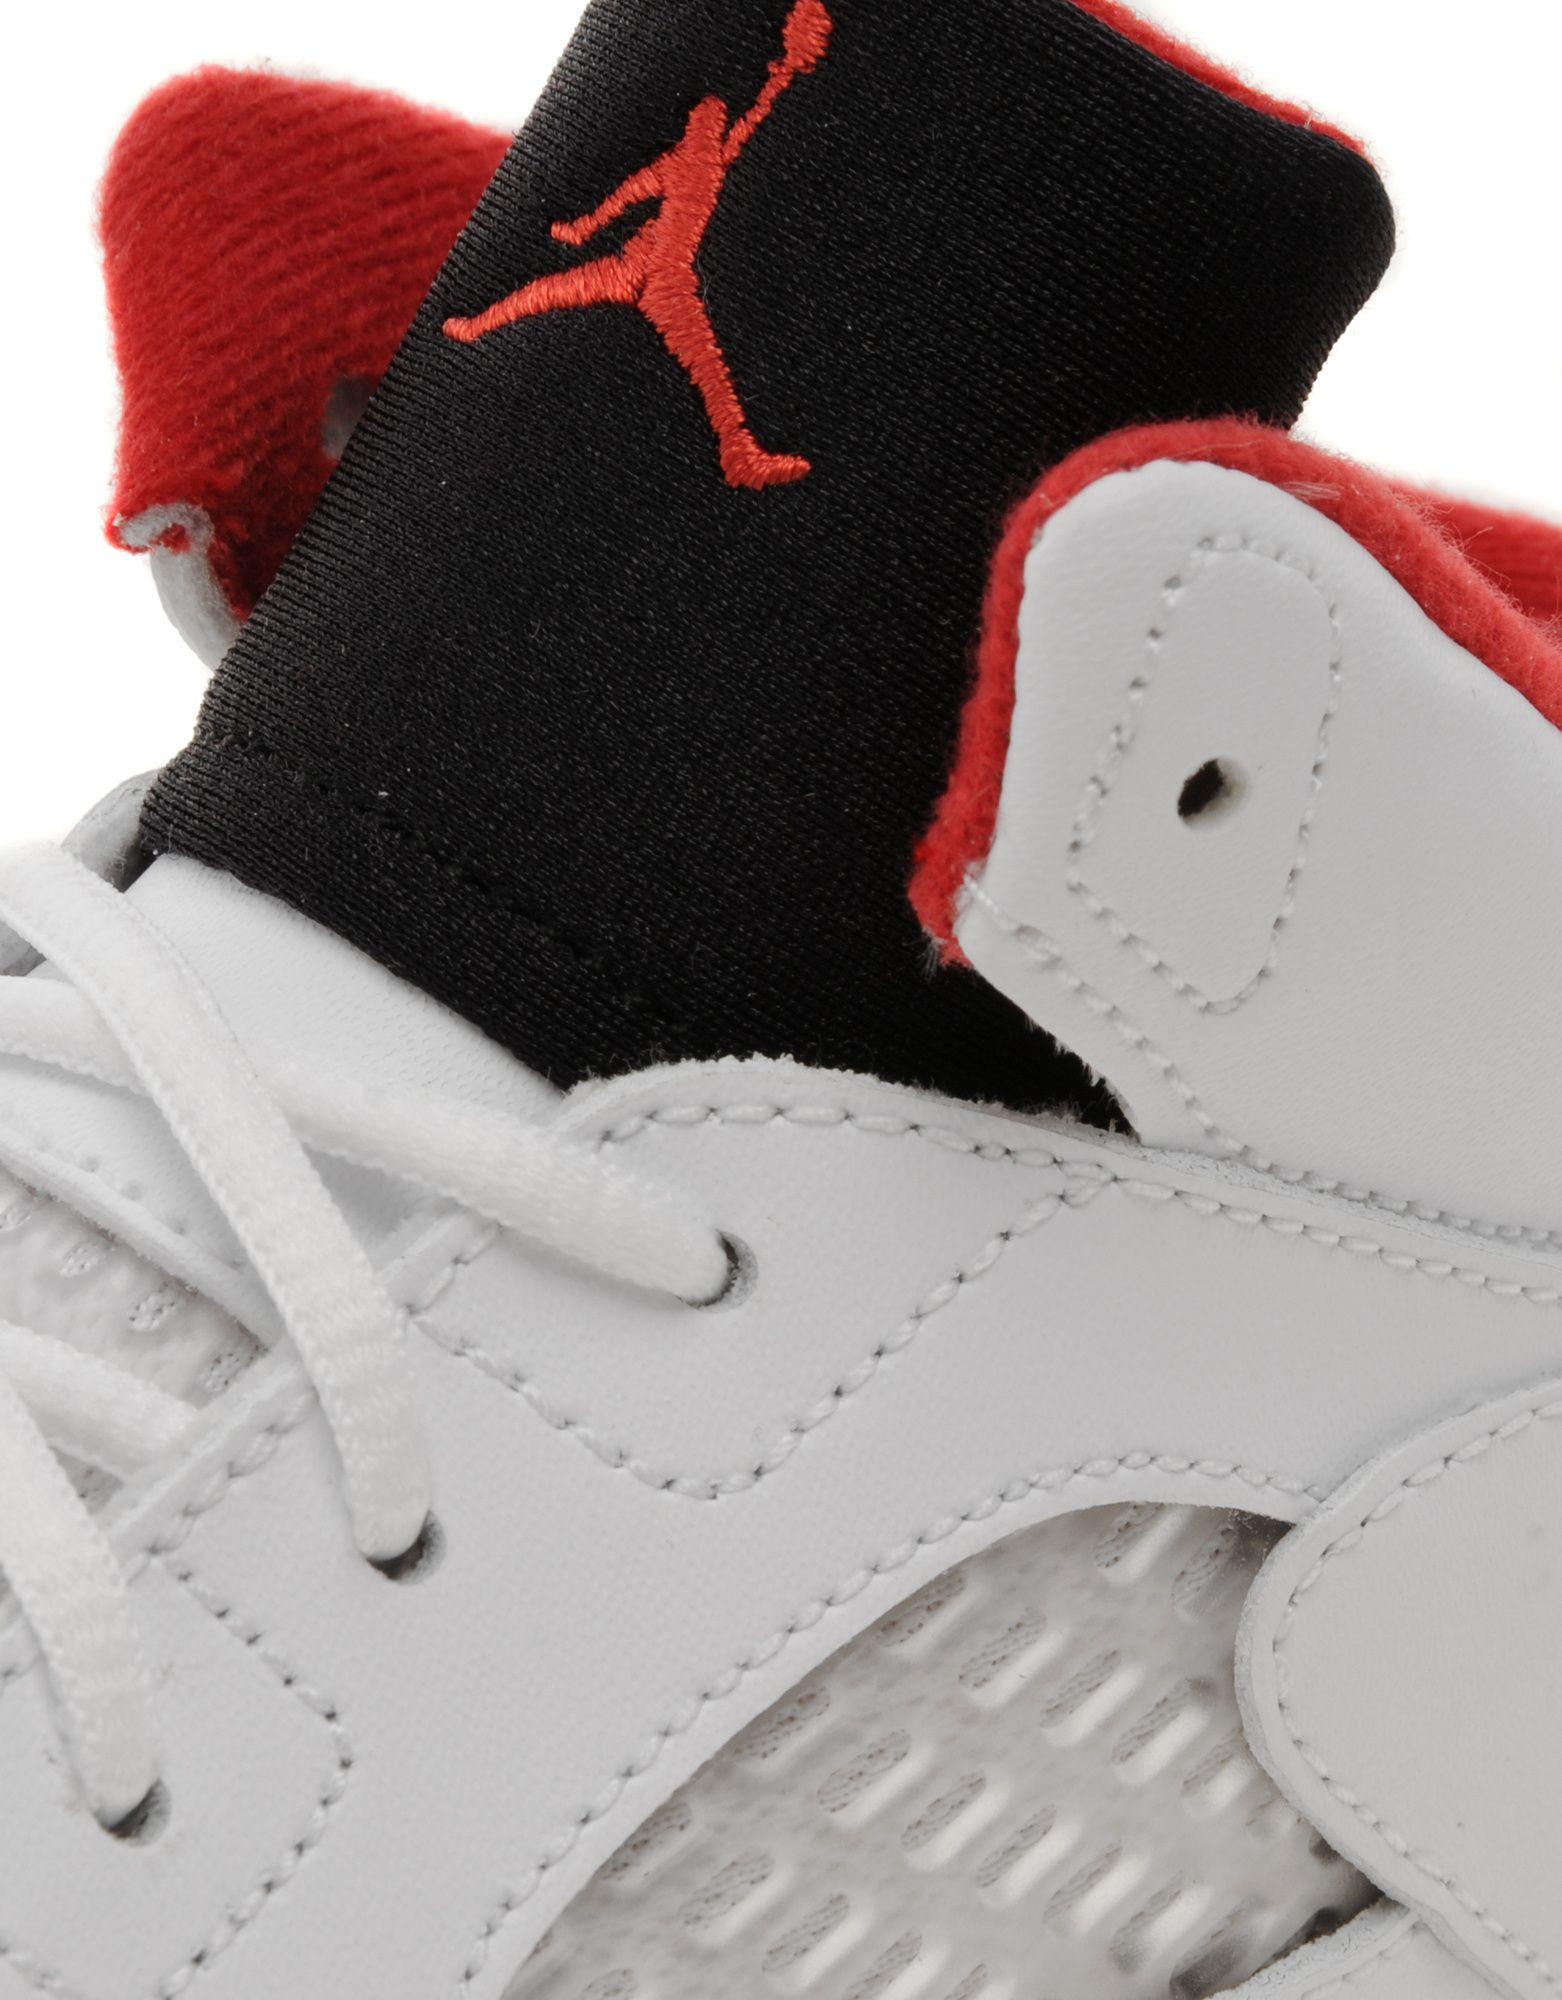 Jordan V 'Fire Red' Infants